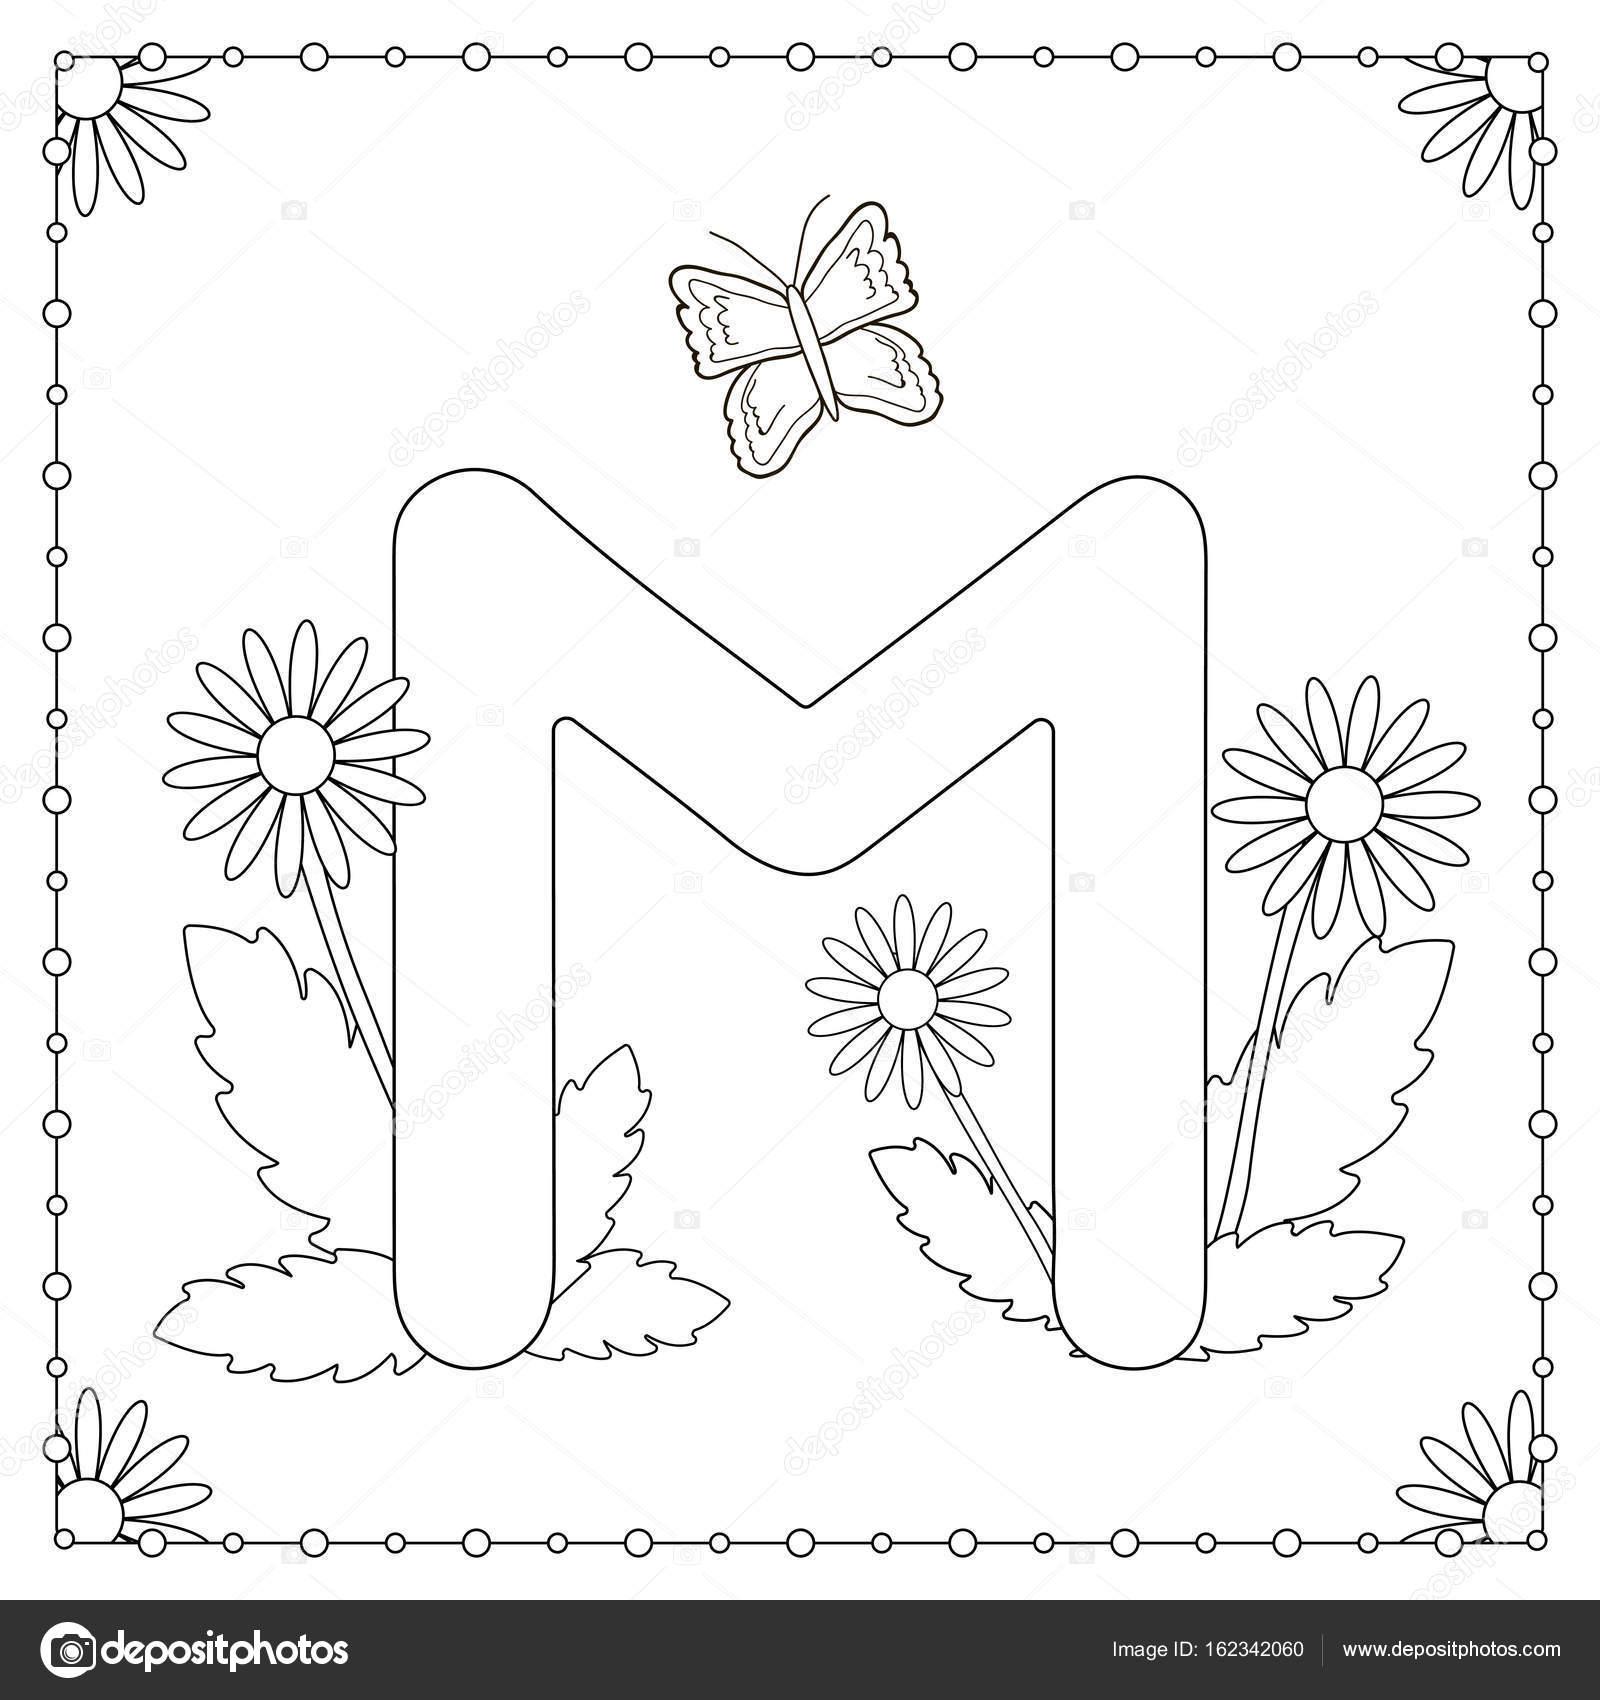 Großzügig Ein Alphabet Malvorlagen Bilder - Beispielzusammenfassung ...